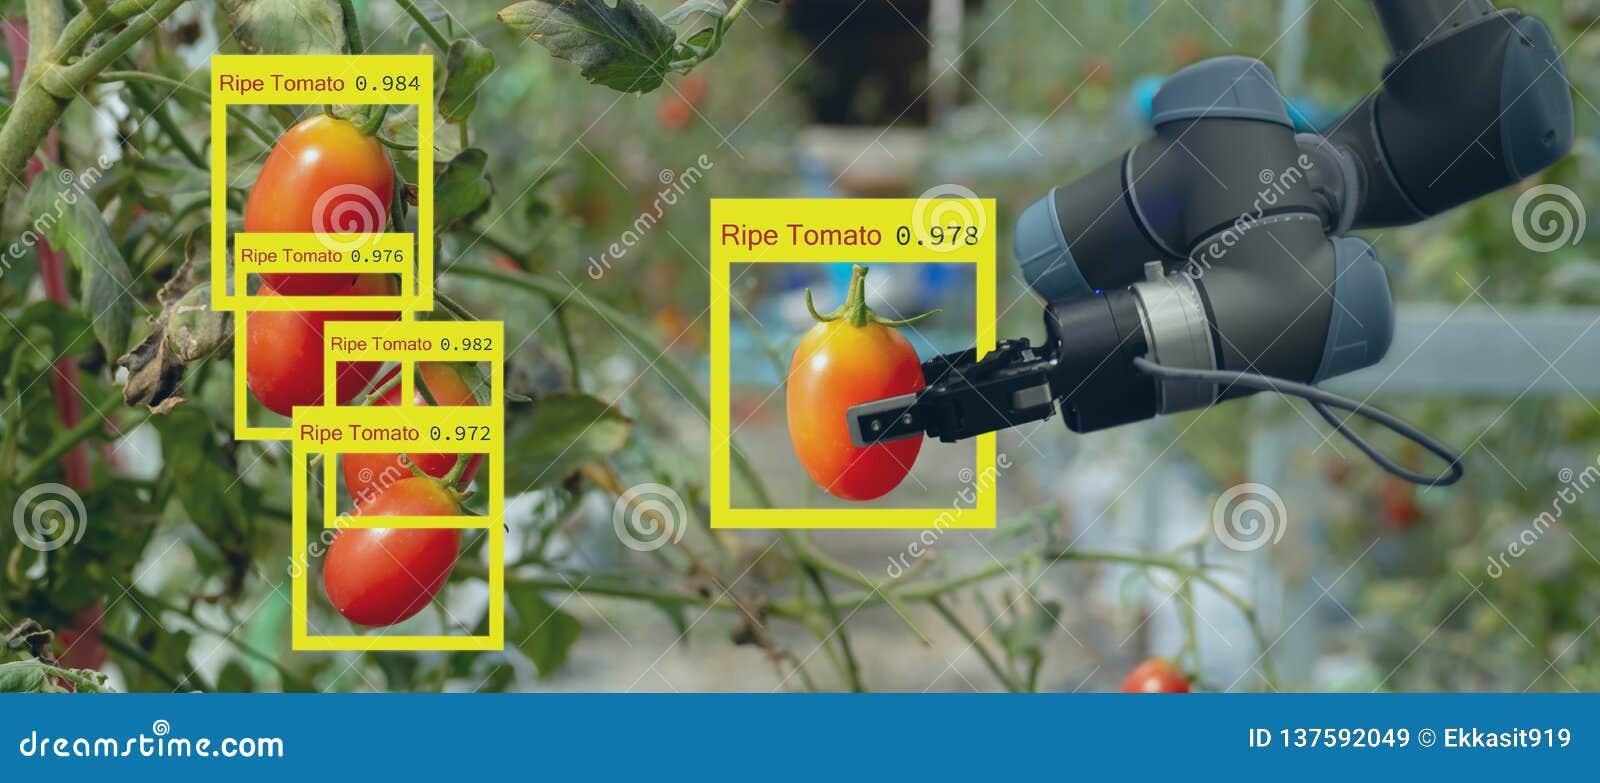 Умное робототехническое в концепции земледелия футуристической, автоматизации фермеров робота необходимо запрограммировать для ра